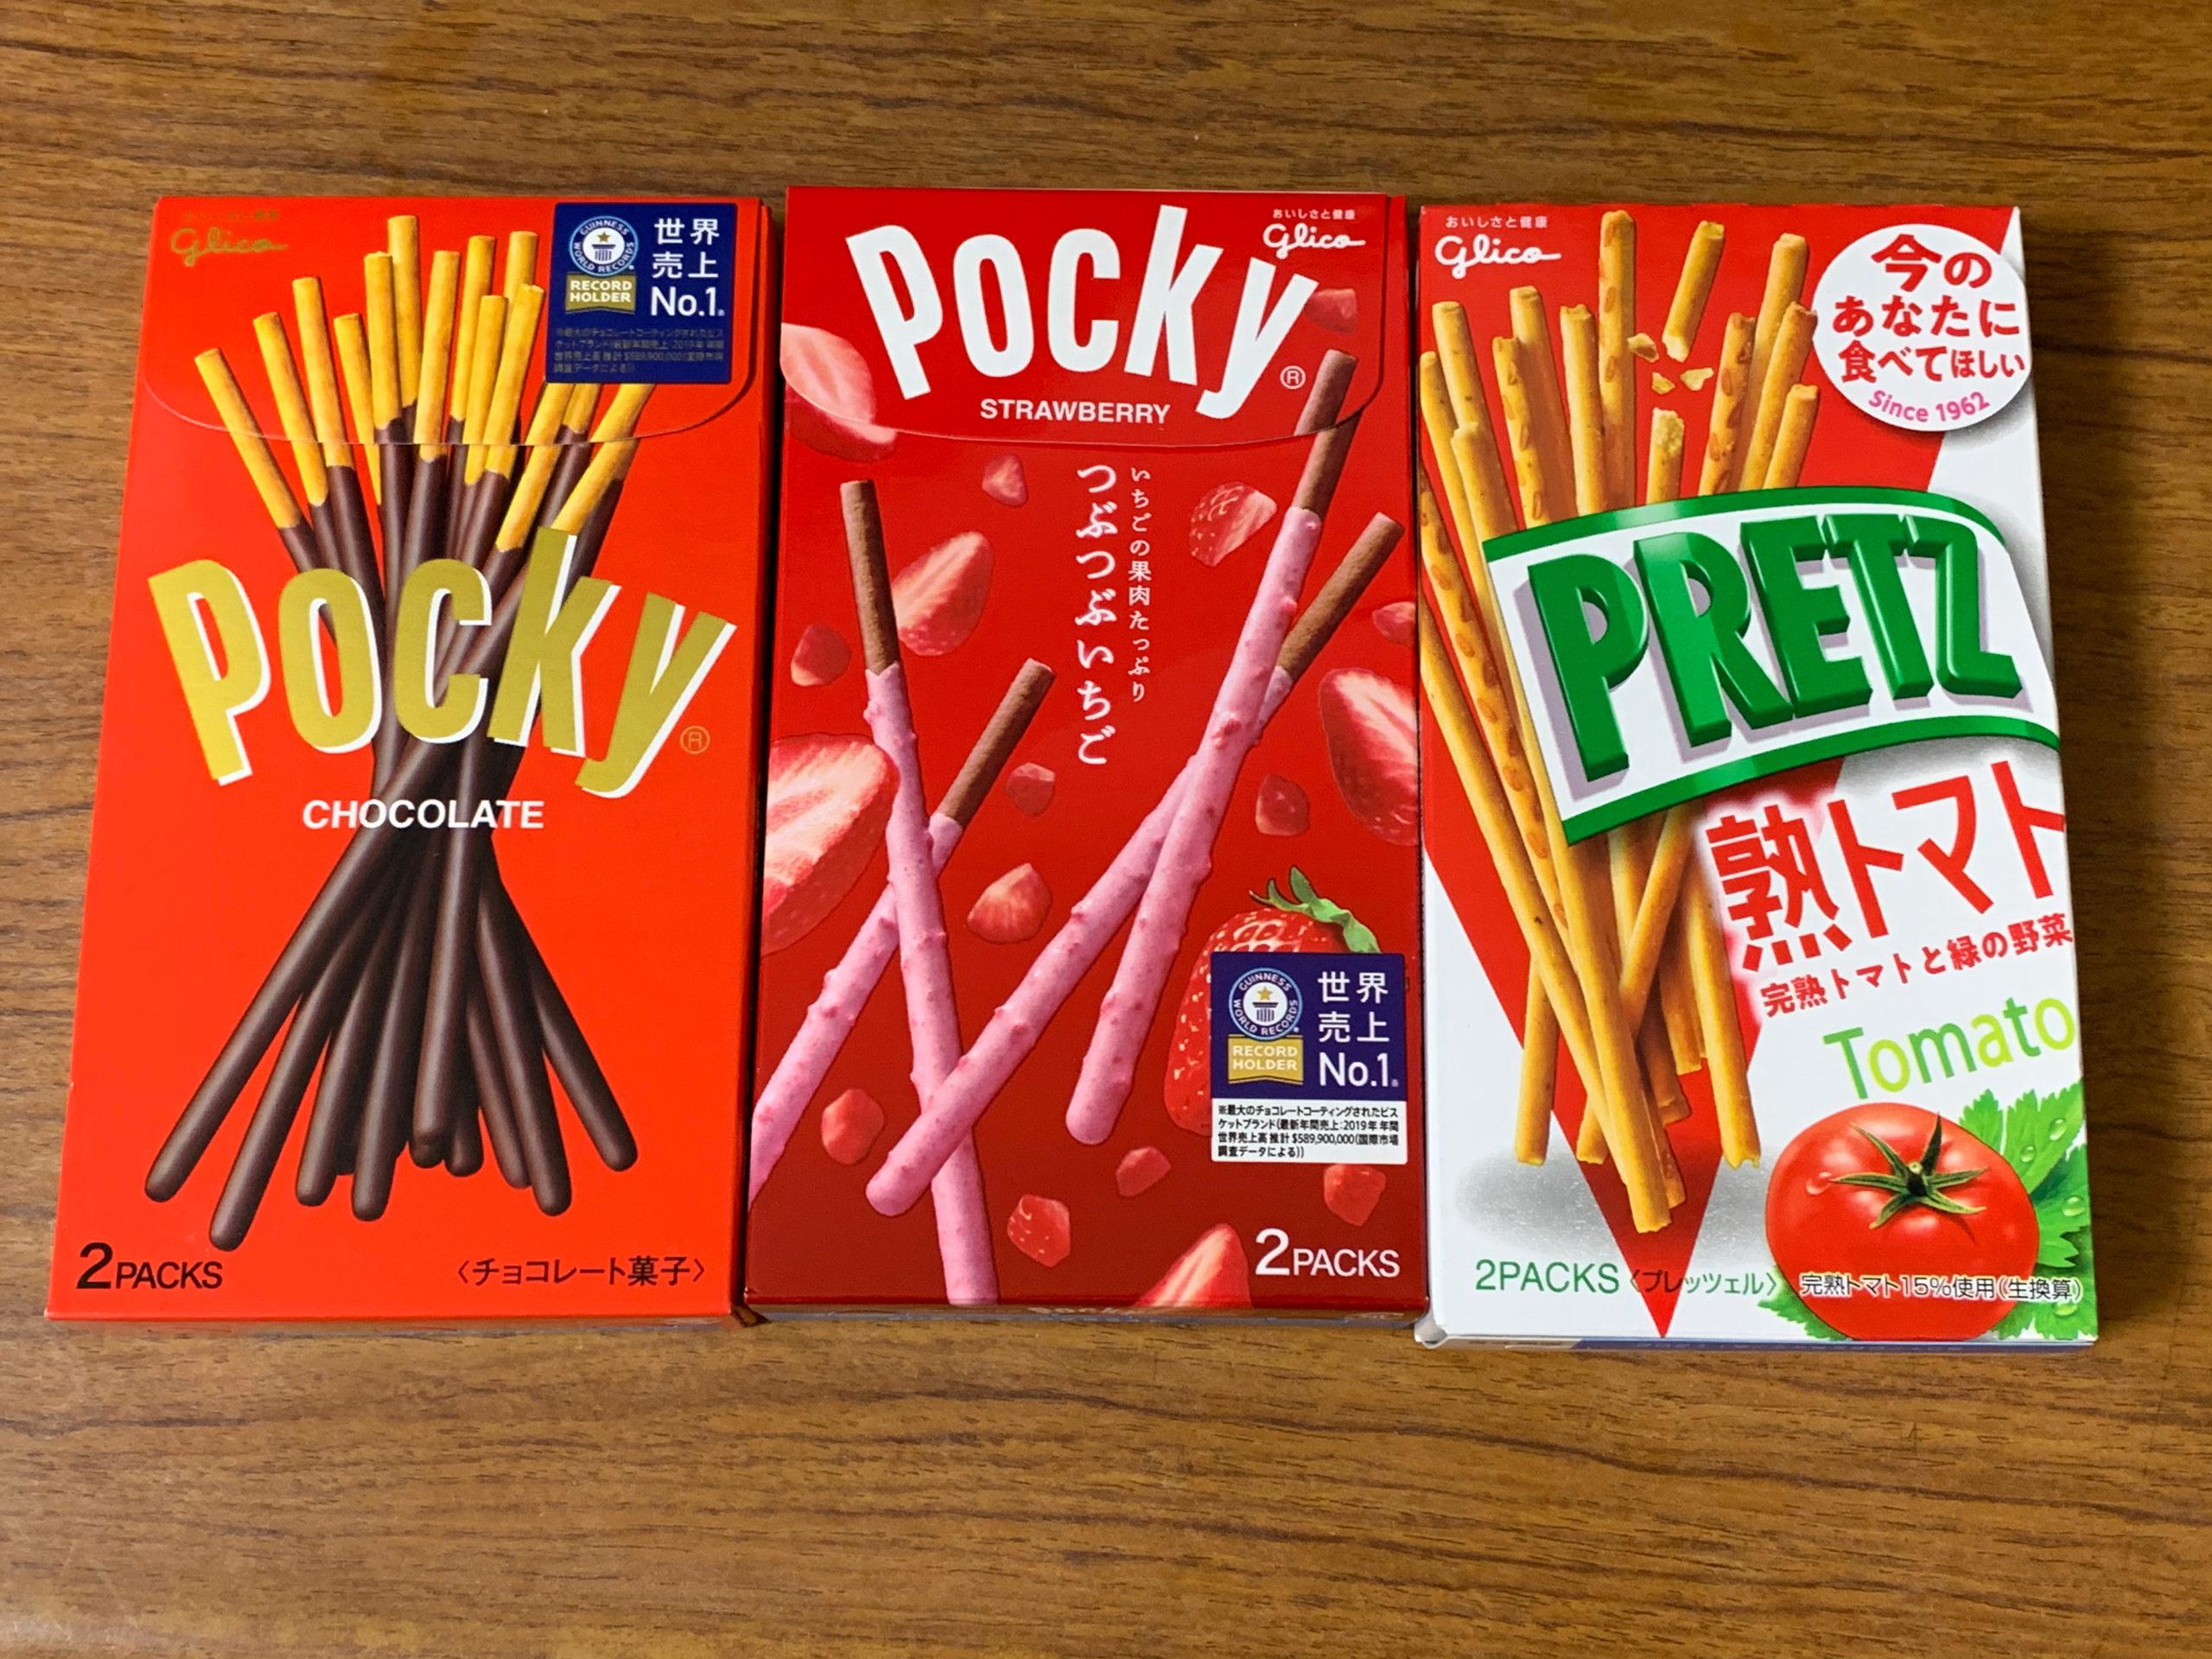 昨日11月11日は「ポッキー&プリッツの日」でしたので、江東区南砂町での所用の帰りに「SUNAMO(スナモ)」でポッキーとプリッツを買いました